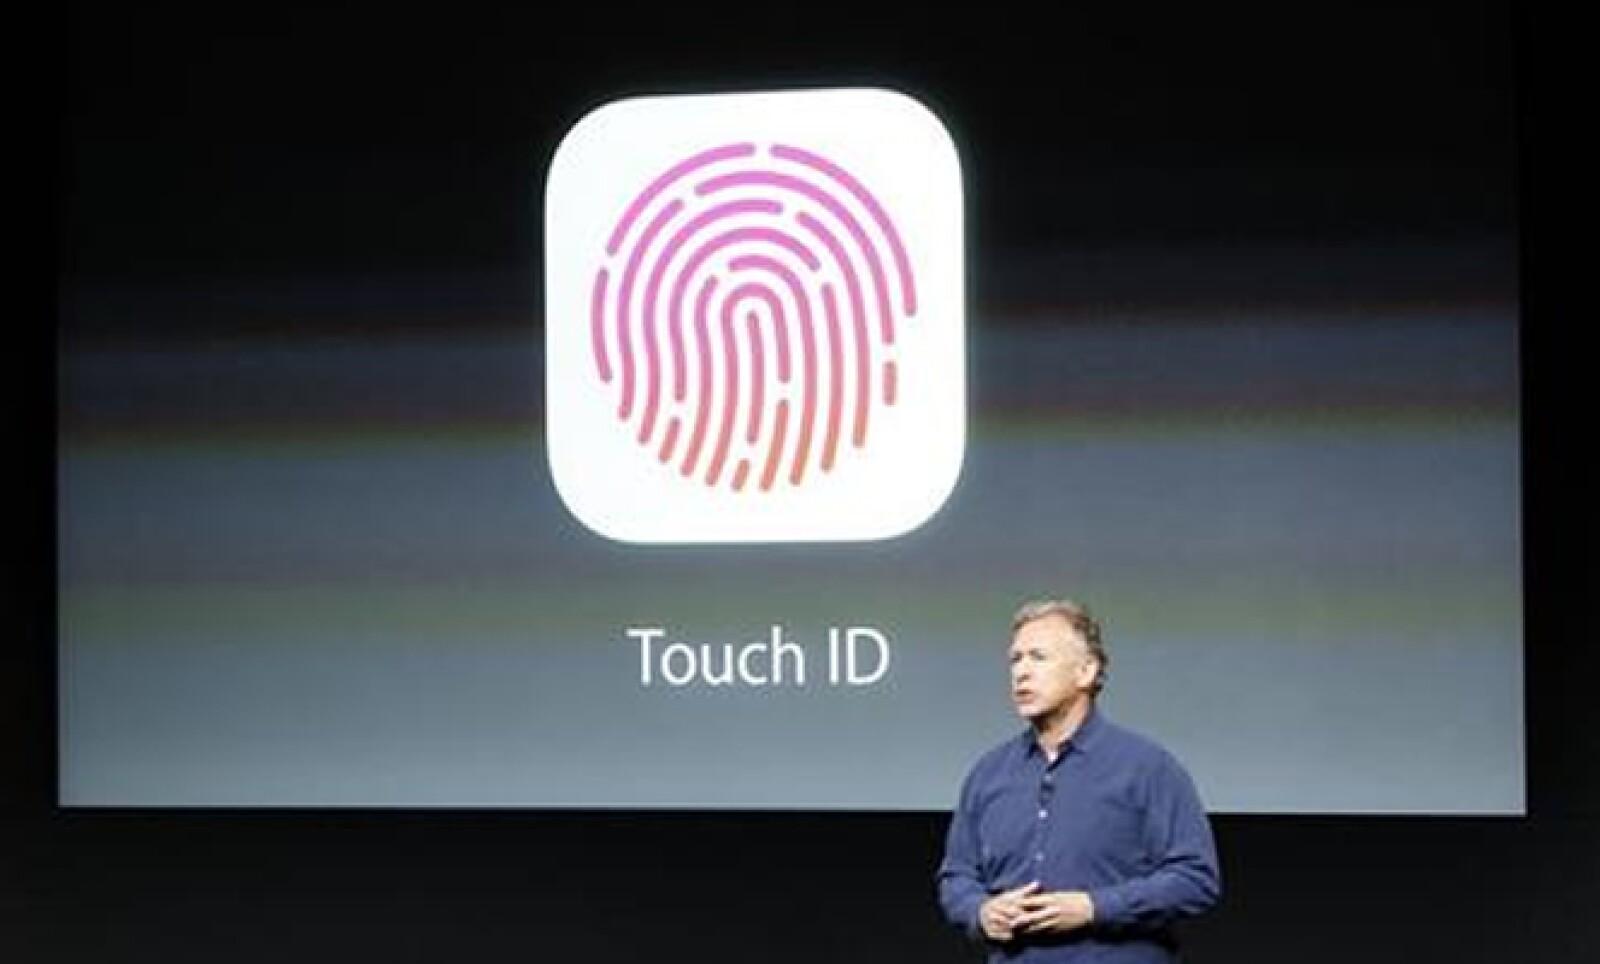 Apple también presentó su modelo de gama alta, el 5S, un dispositivo que tendrá reconocimiento de huella dactilar (Touch ID). El vicepresidente de marketing, Philip Schiller, muestra esta función.